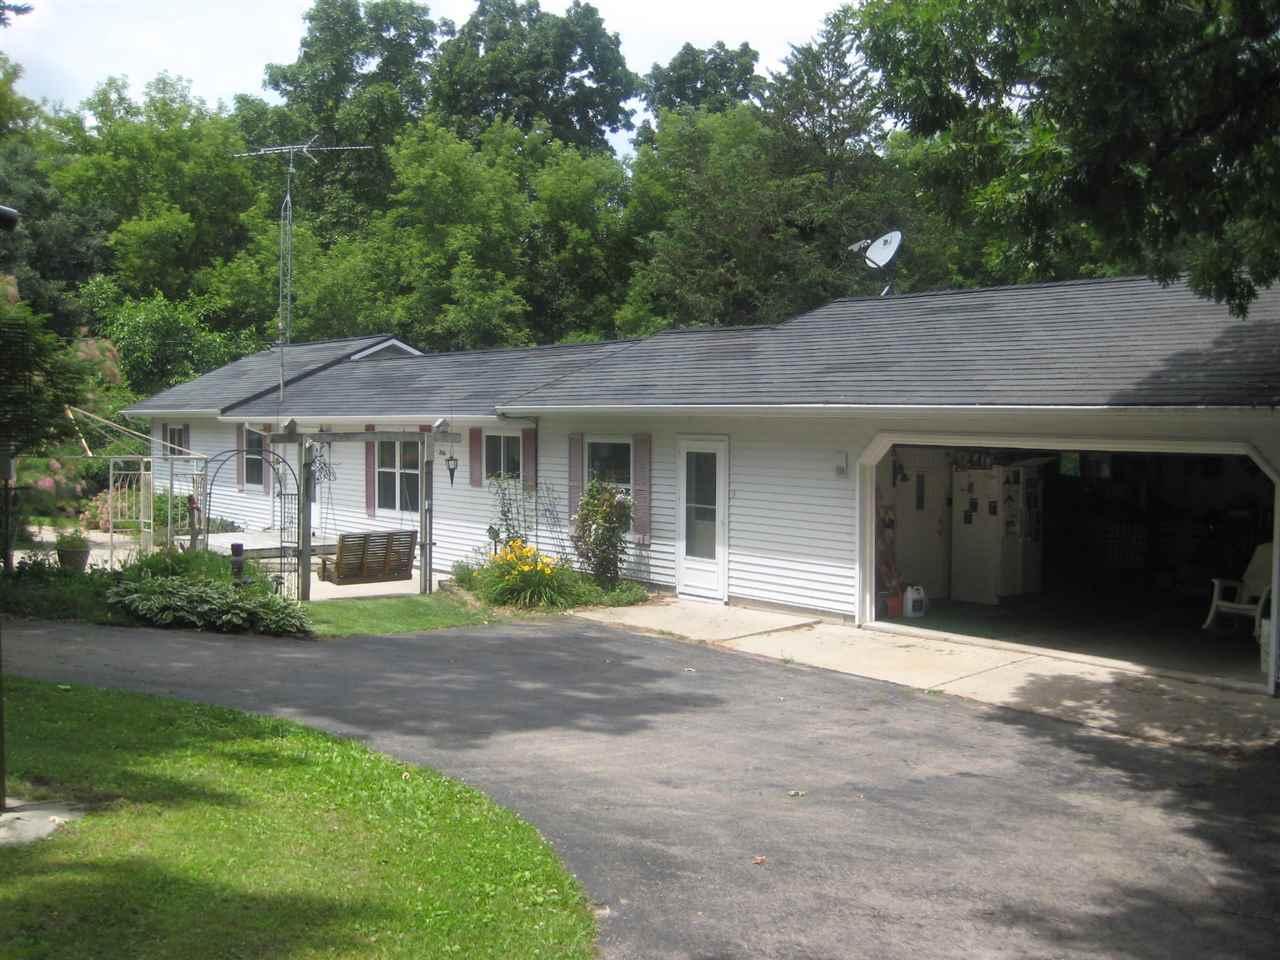 W6802 Puckaway Rd, Marquette, WI 53946